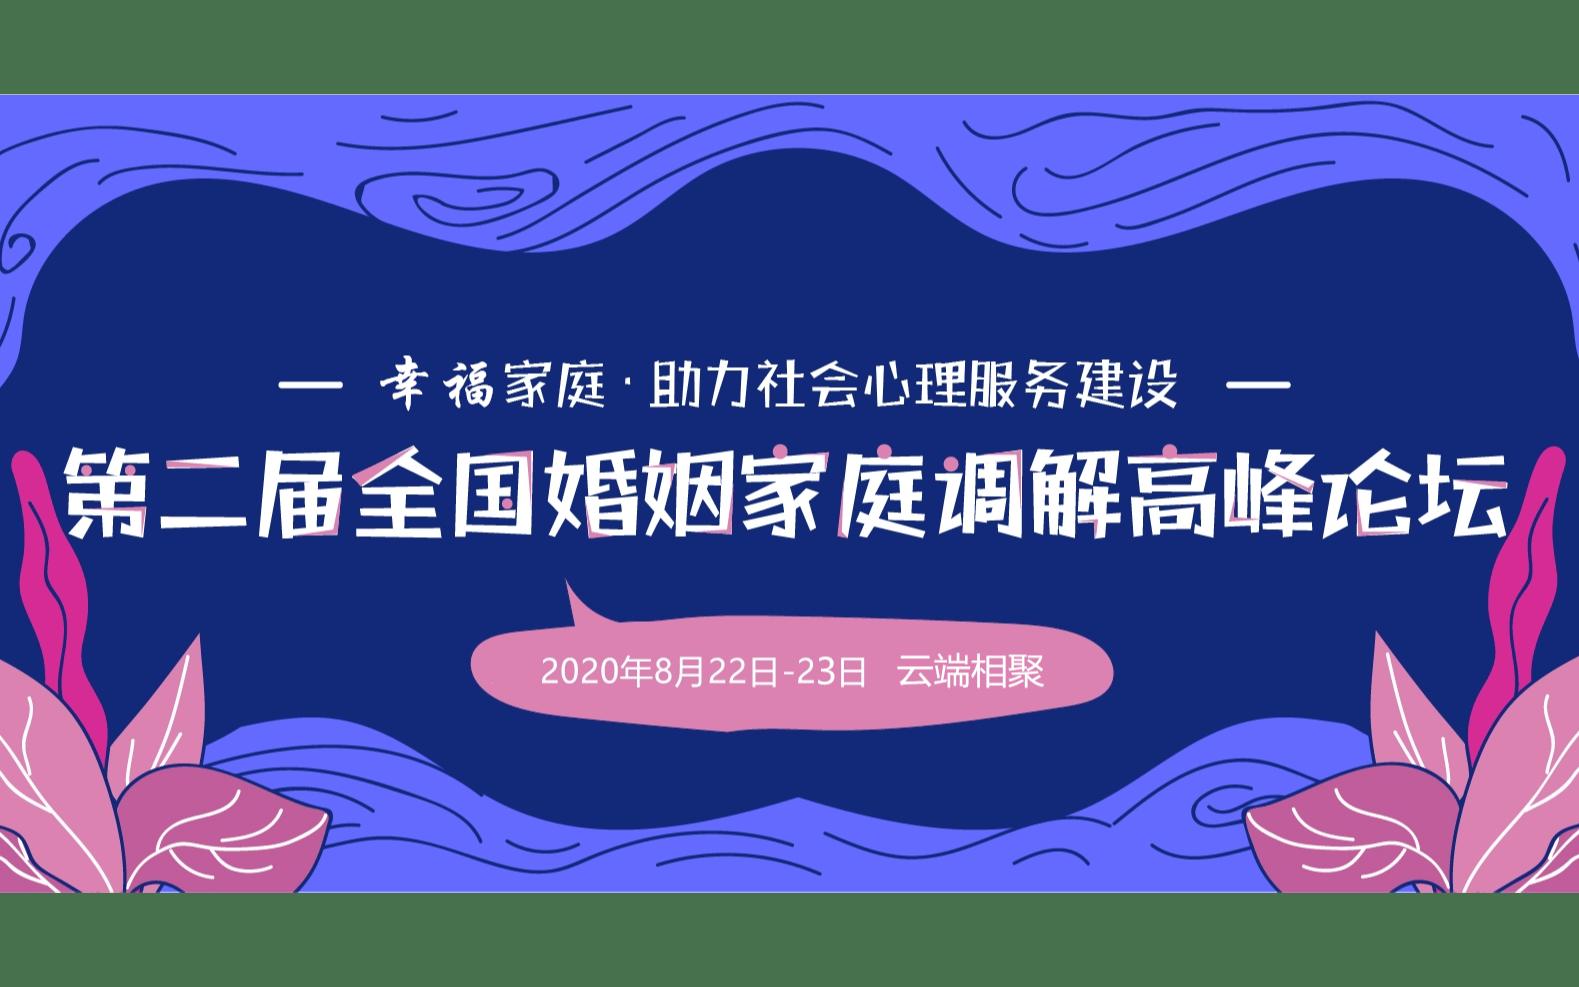 第二届全国婚姻家庭调解高峰【云】论坛